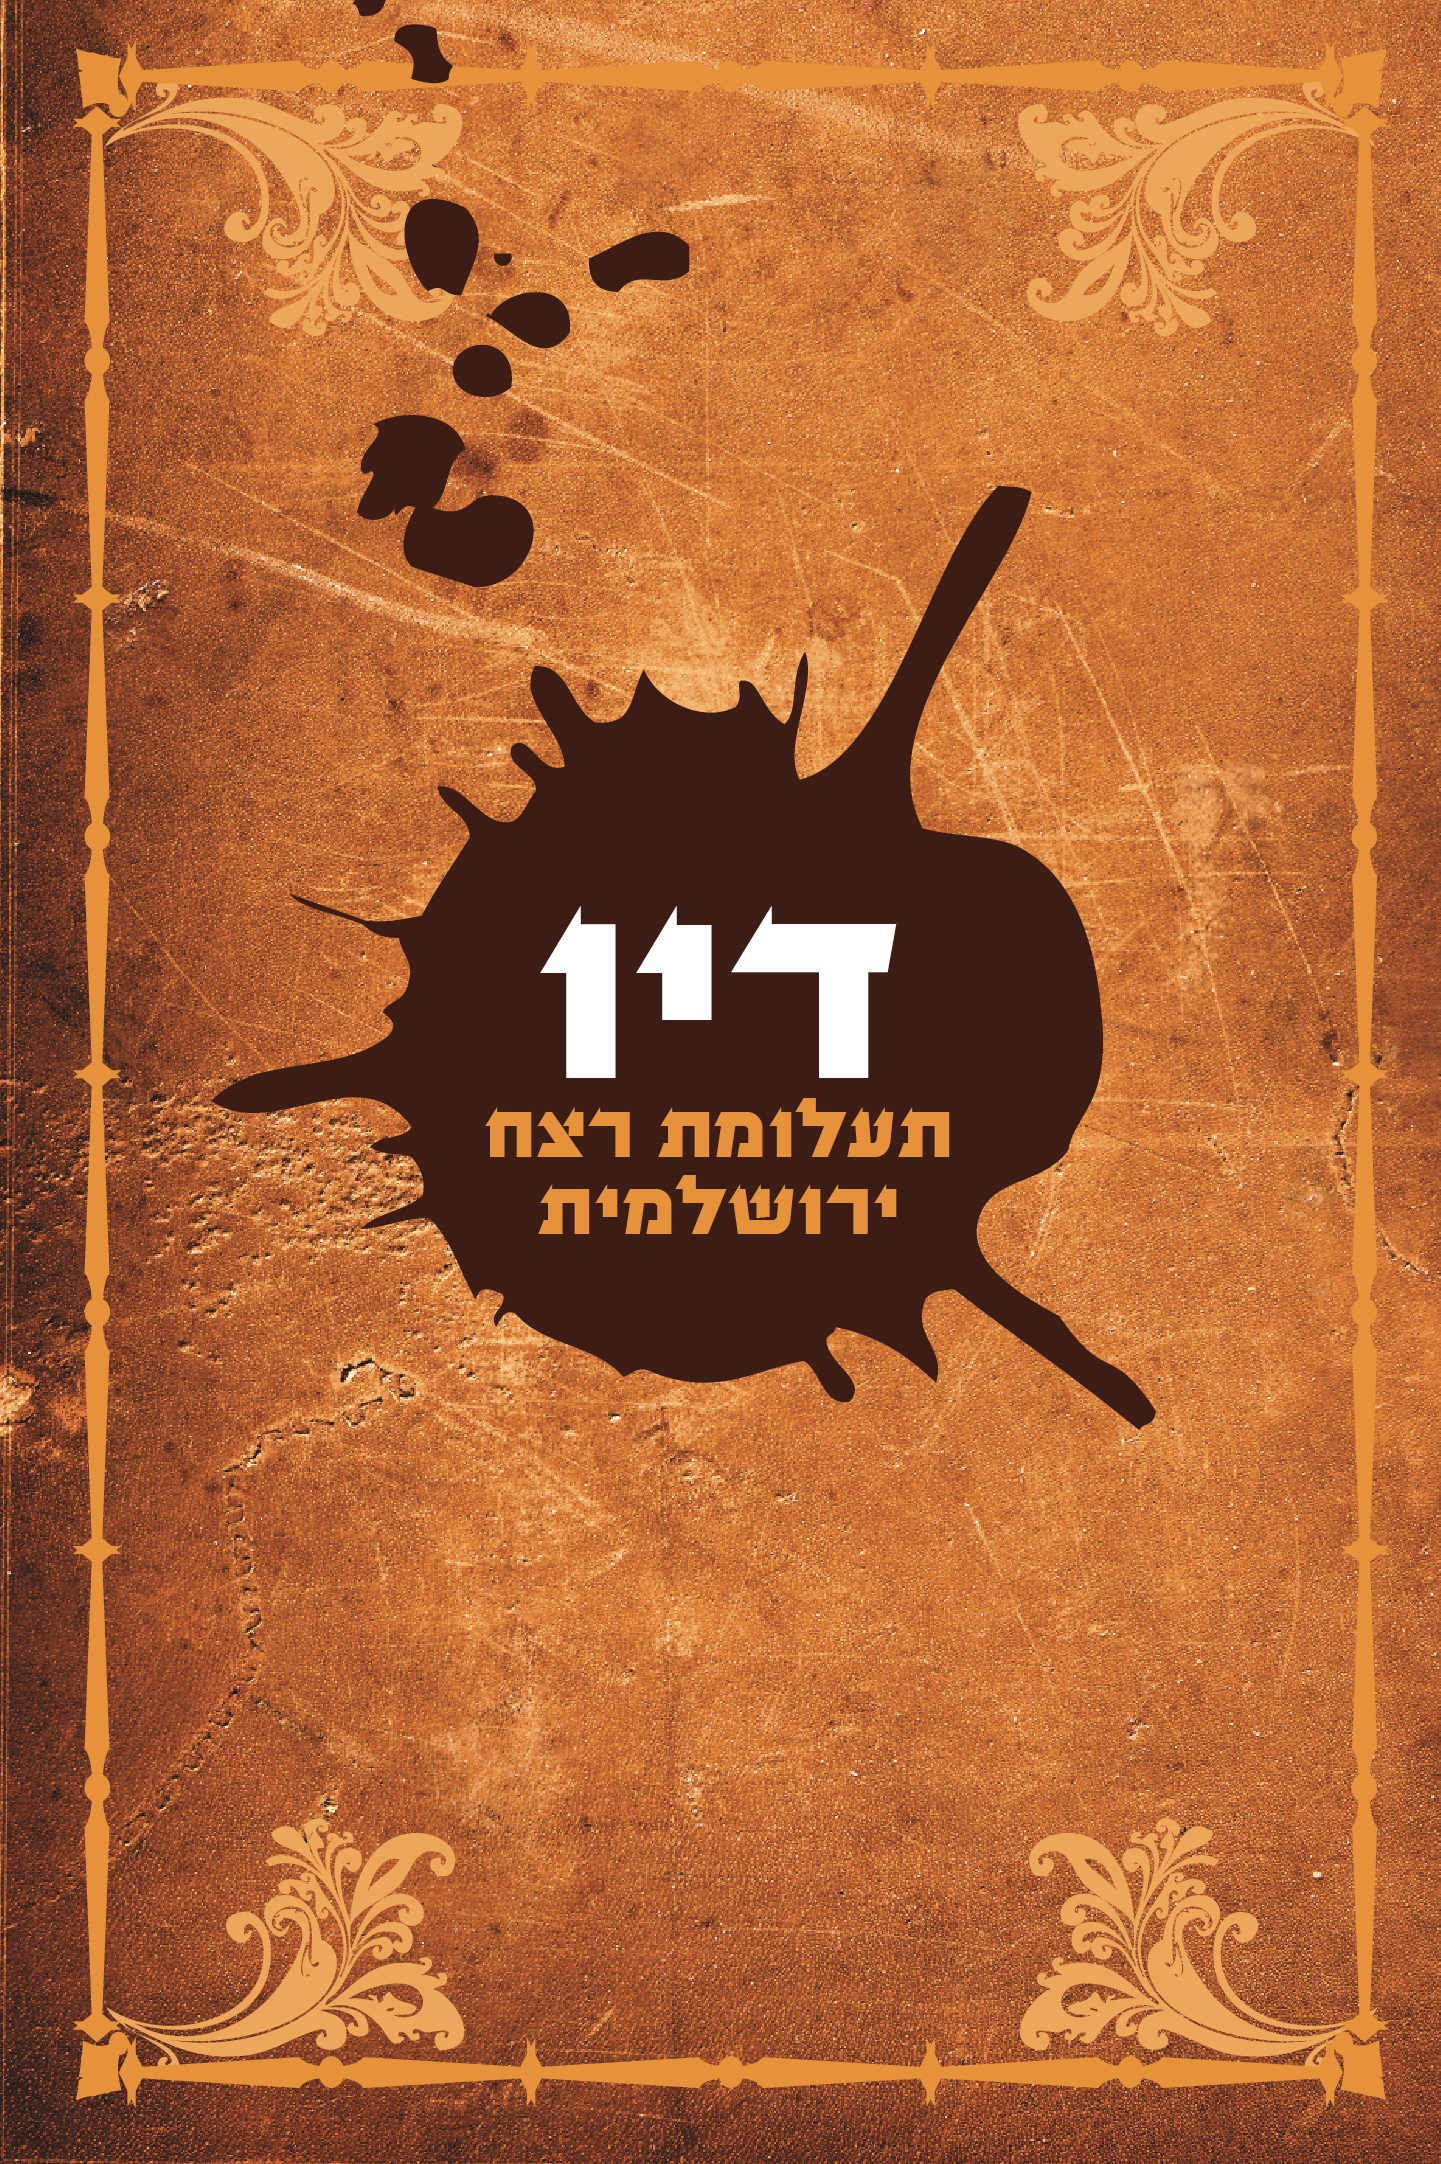 דיו - תעלומת רצח ירושלית - ערב השקה